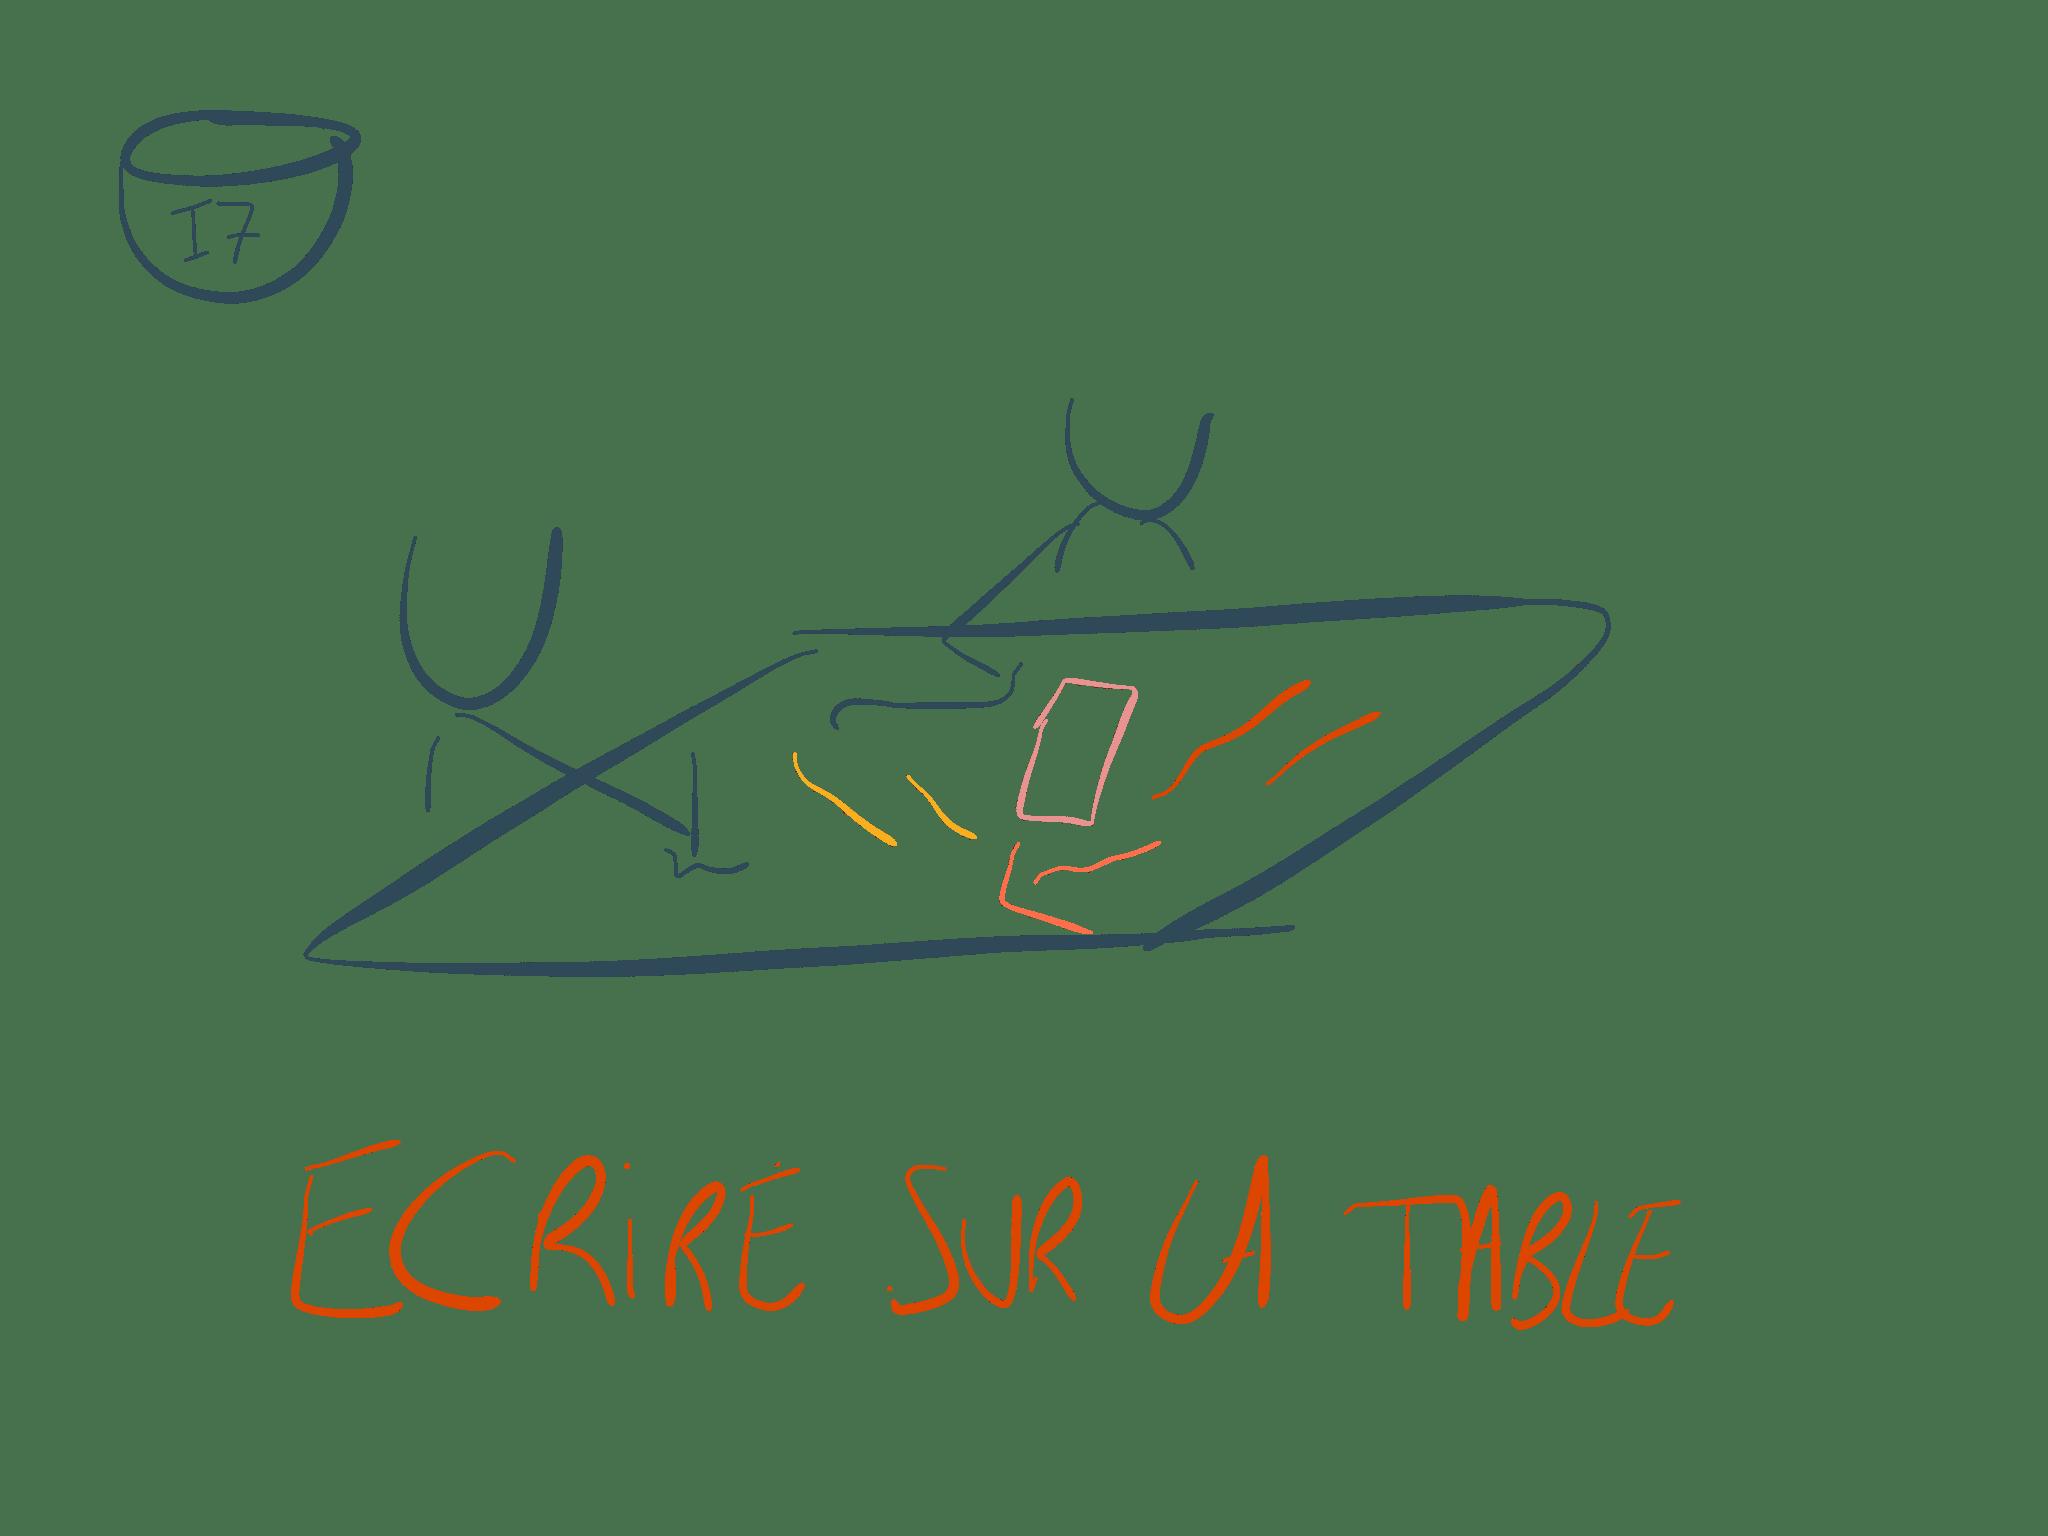 I7 – Ecrire sur la table